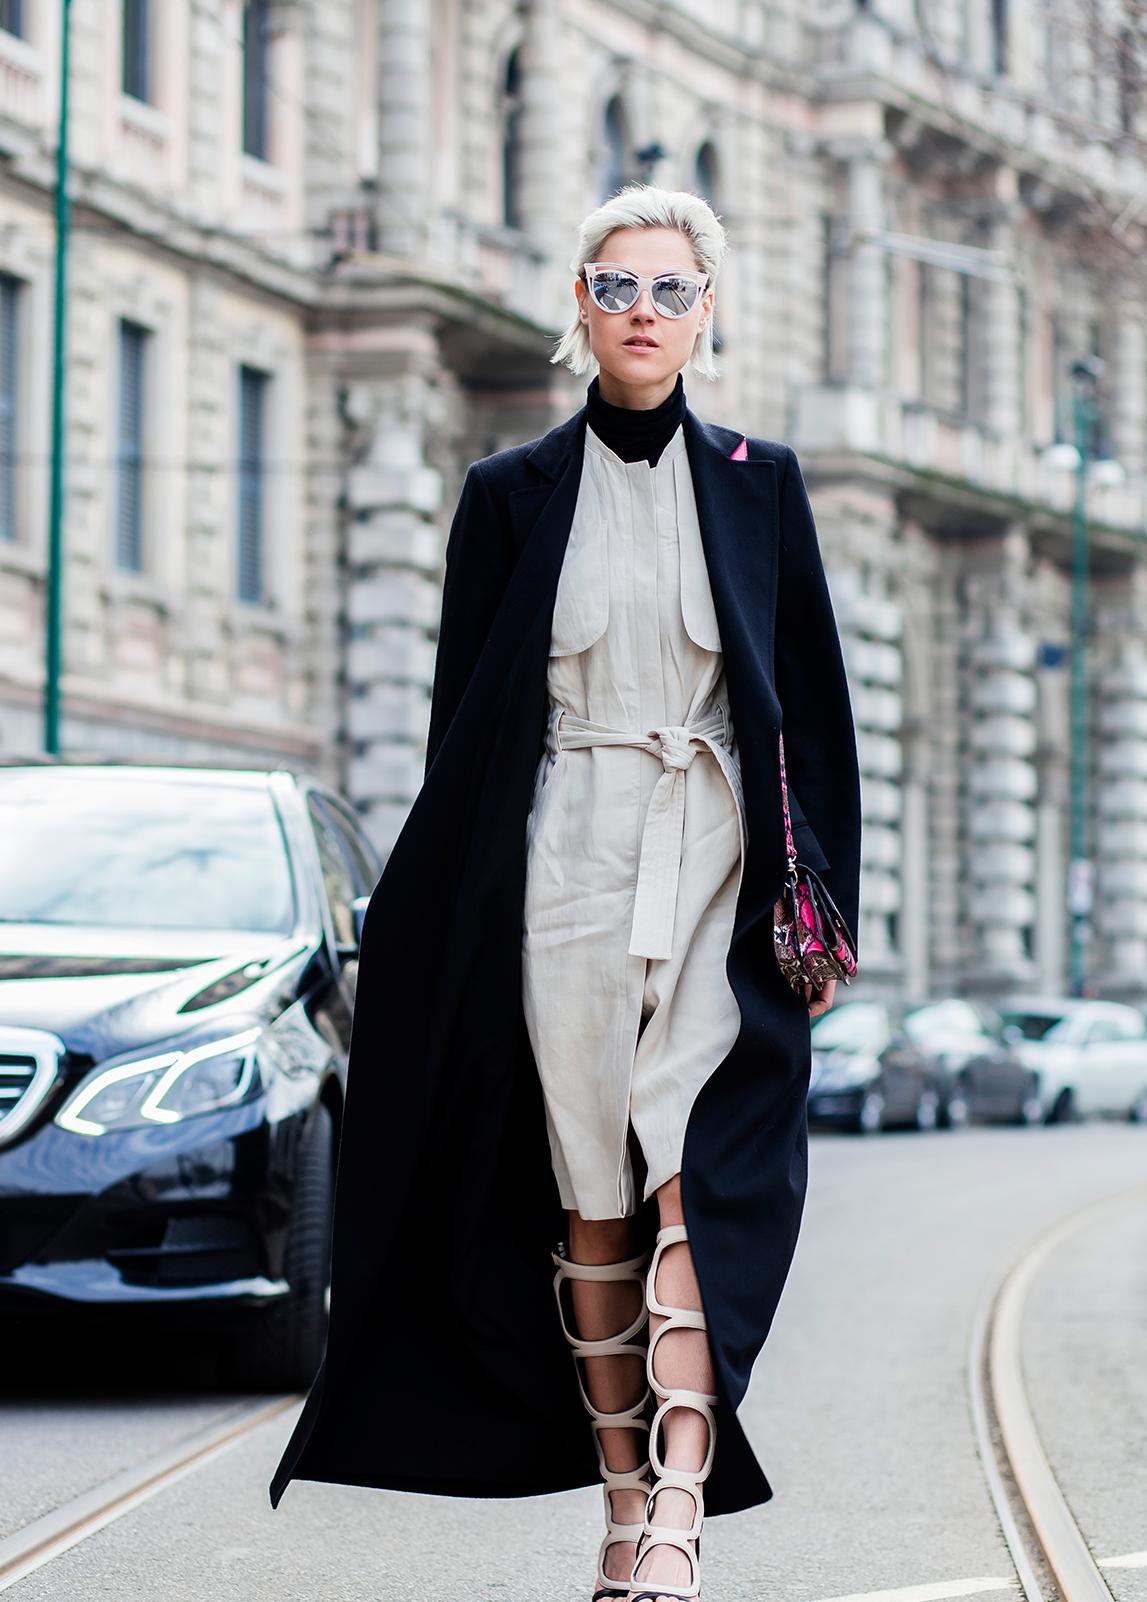 street-style-looks-linda-tol